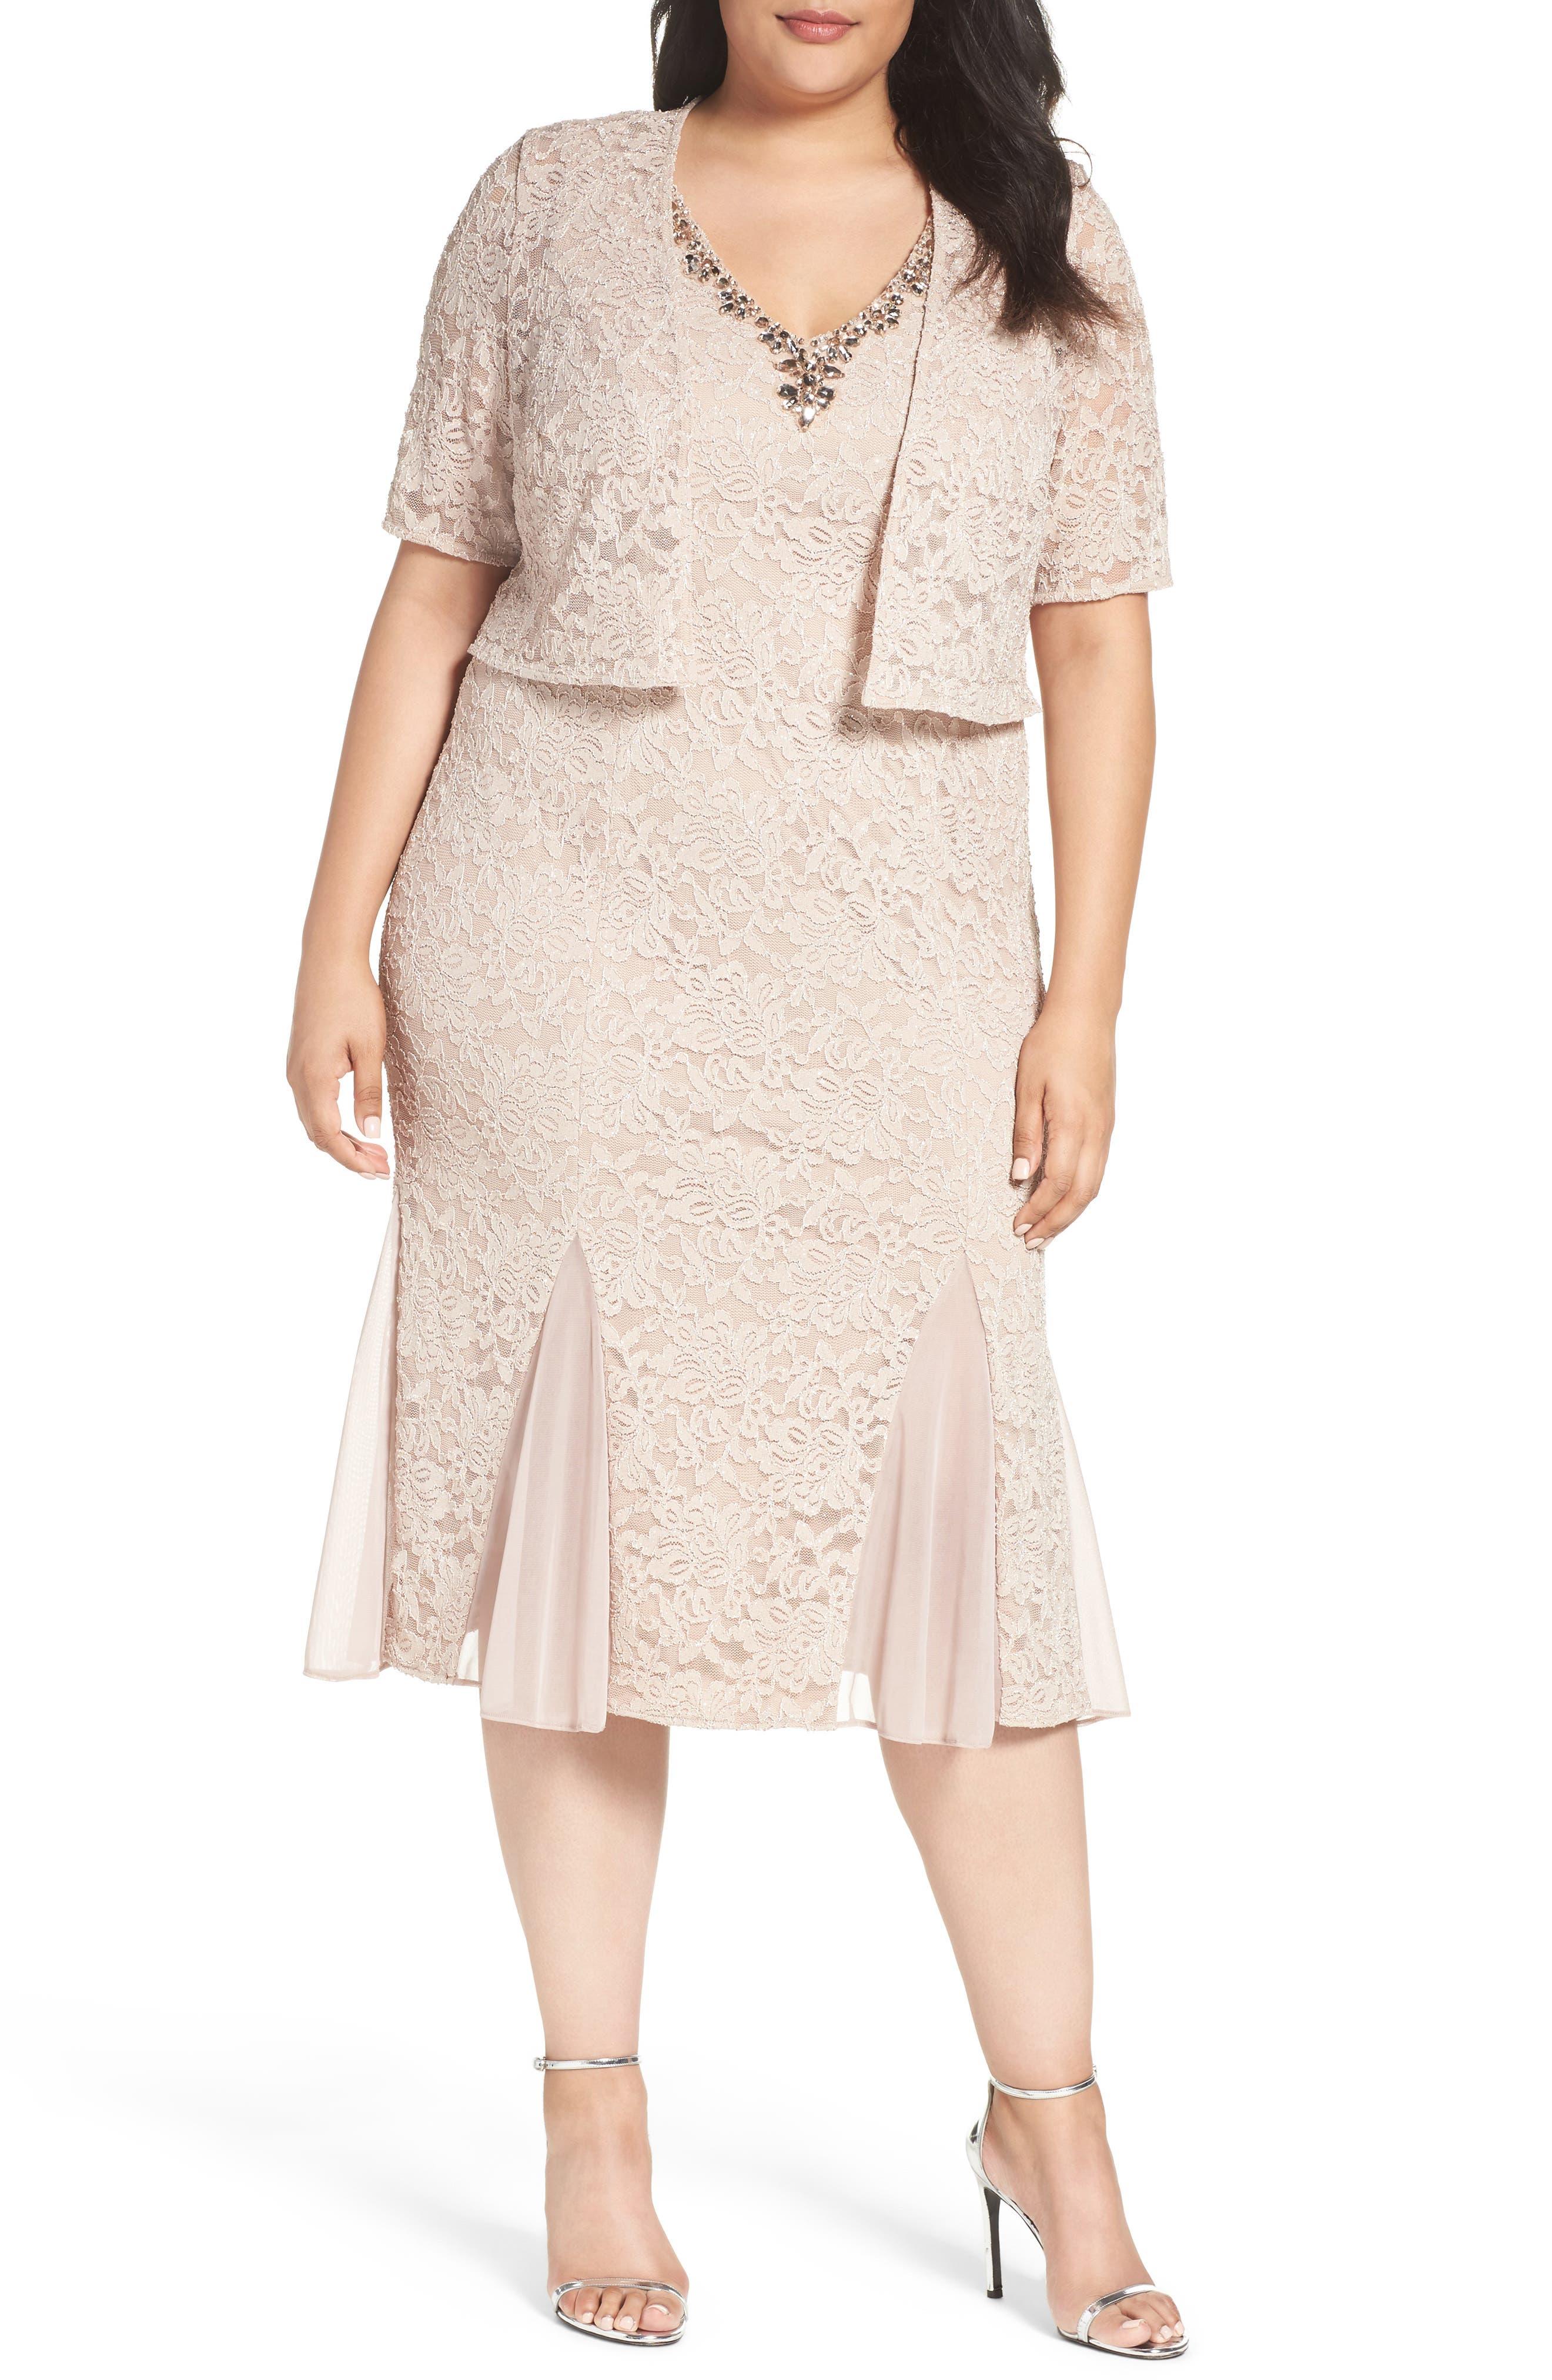 Alex Evenings Embellished Lace Tea Length Dress with Bolero Jacket (Plus Size)